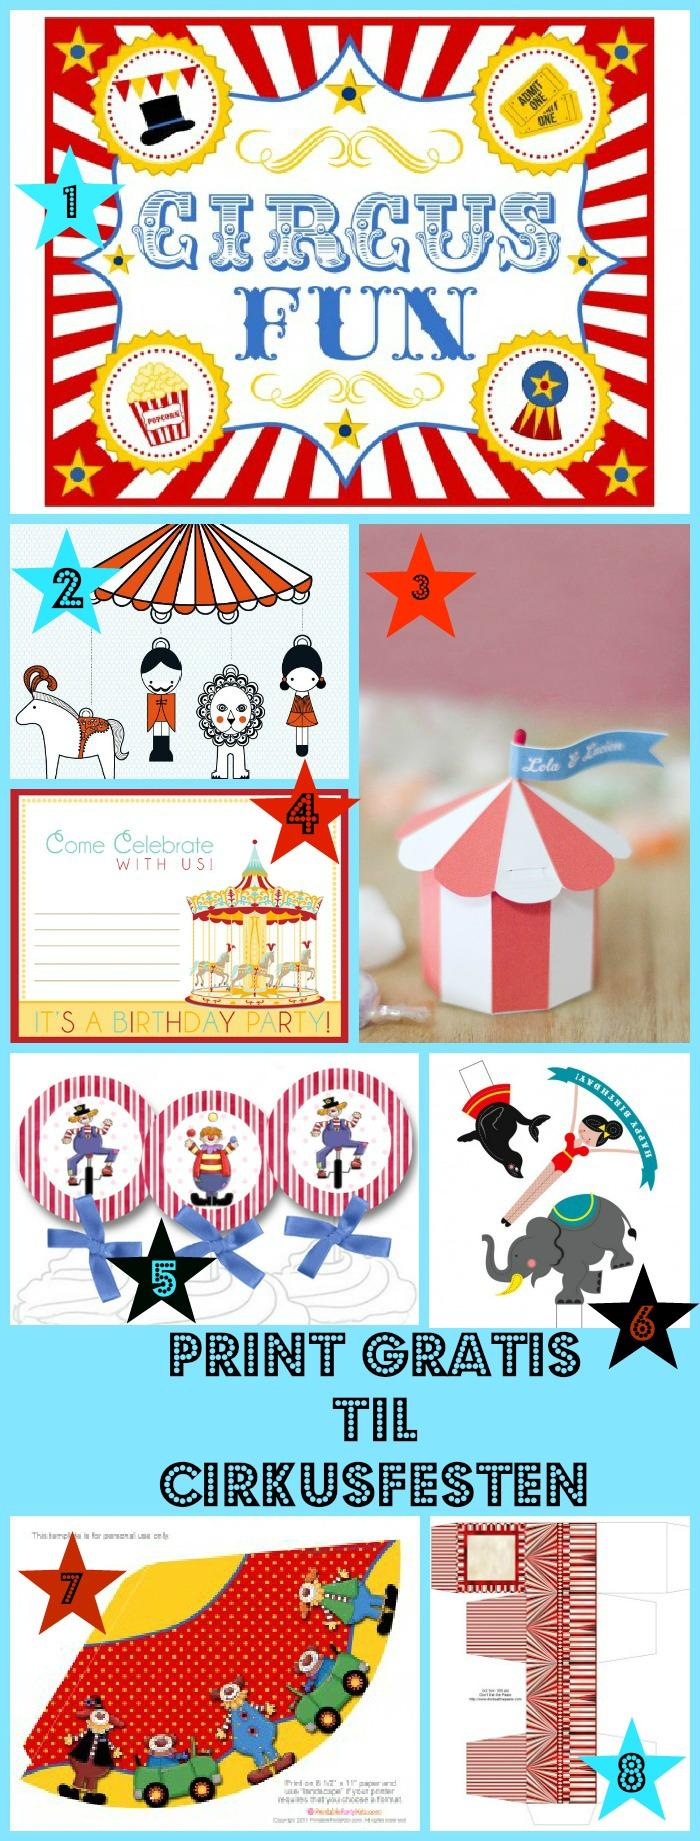 Ting man kan printe til en cirkusfest